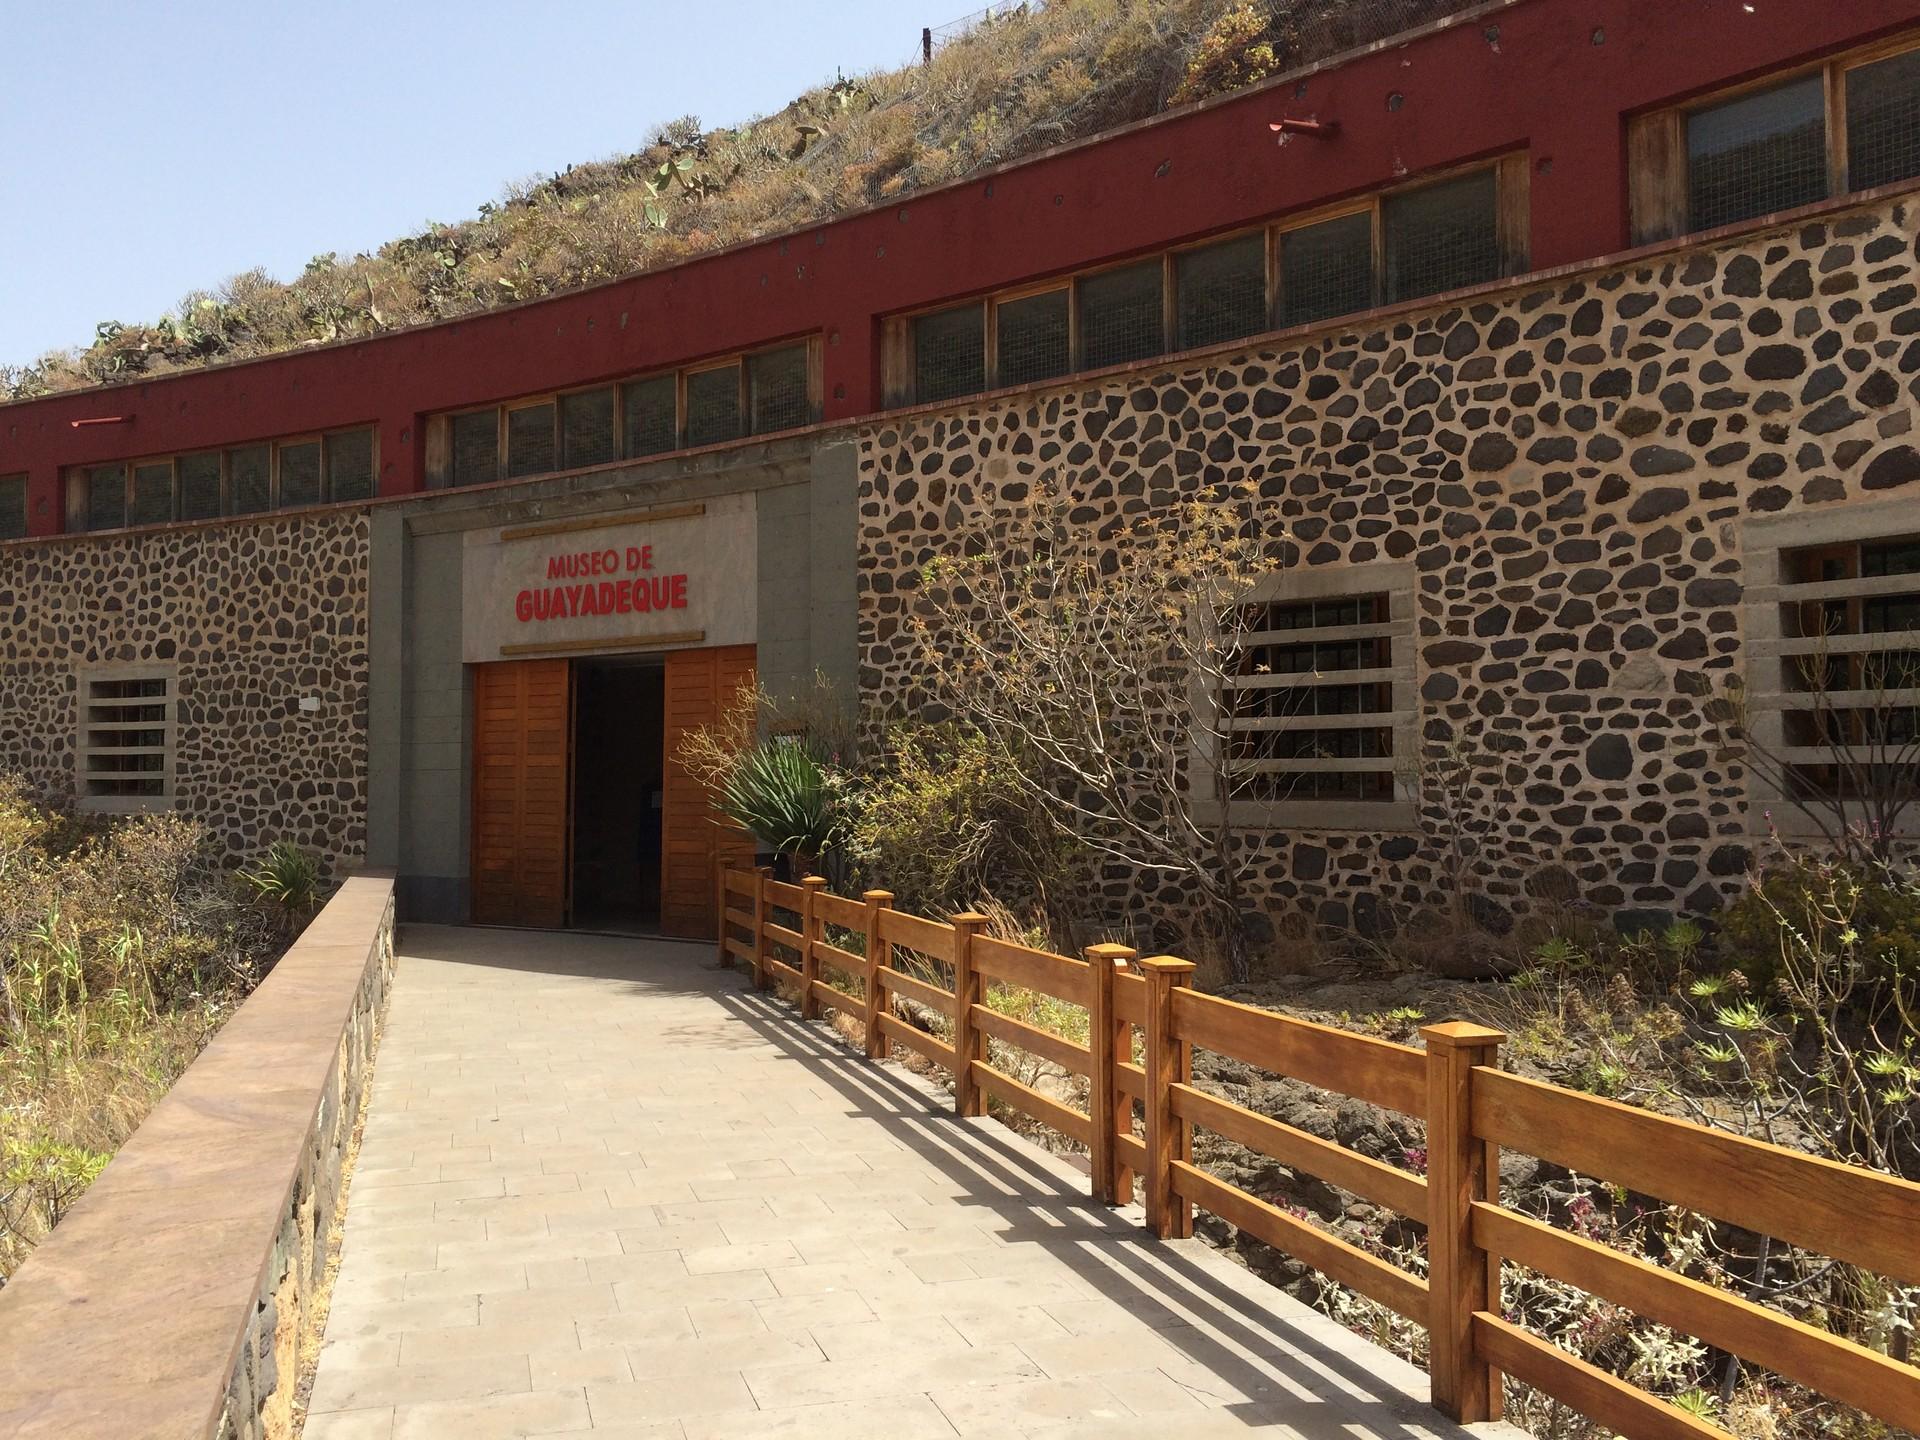 museo-guayadeque-967a874fa198b03a29526cd